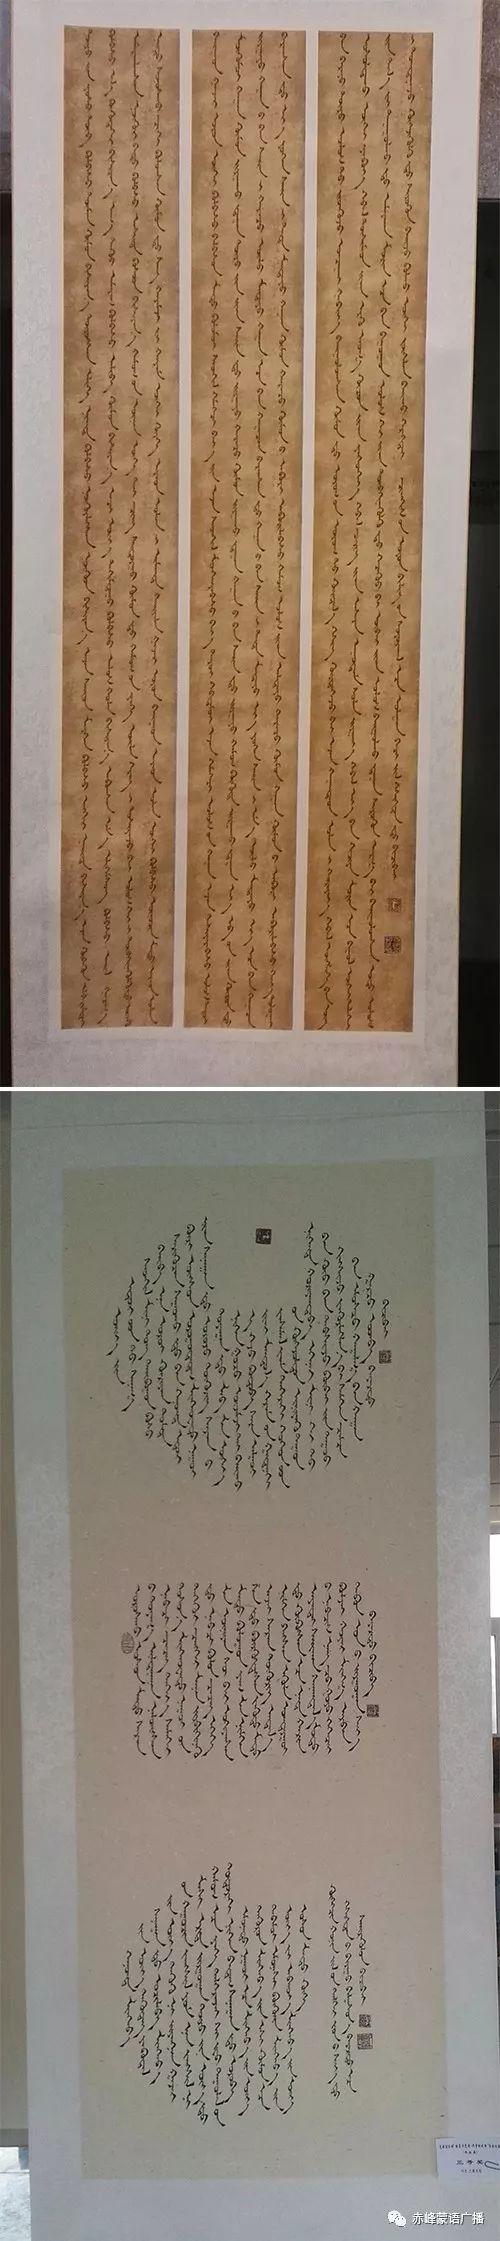 【音频】《赤峰蒙古族书法家》系列采访 (18) 第3张